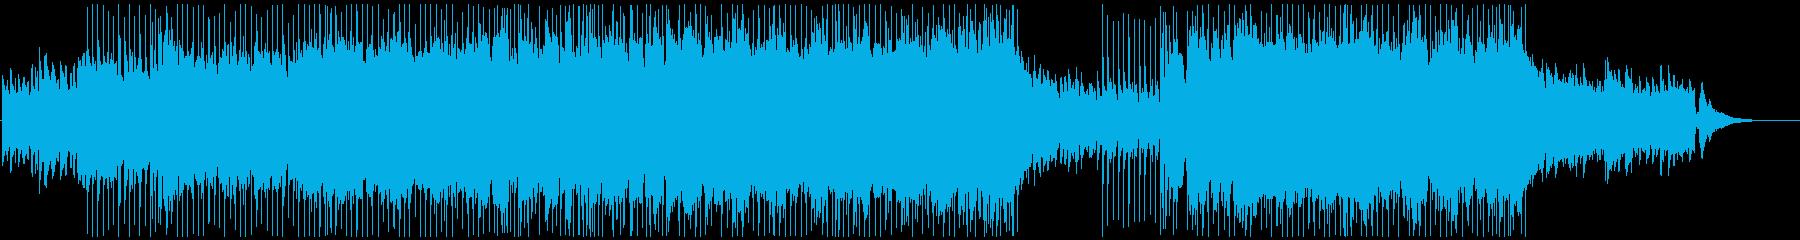 爽やかなアコギとオーケストラのポップスの再生済みの波形